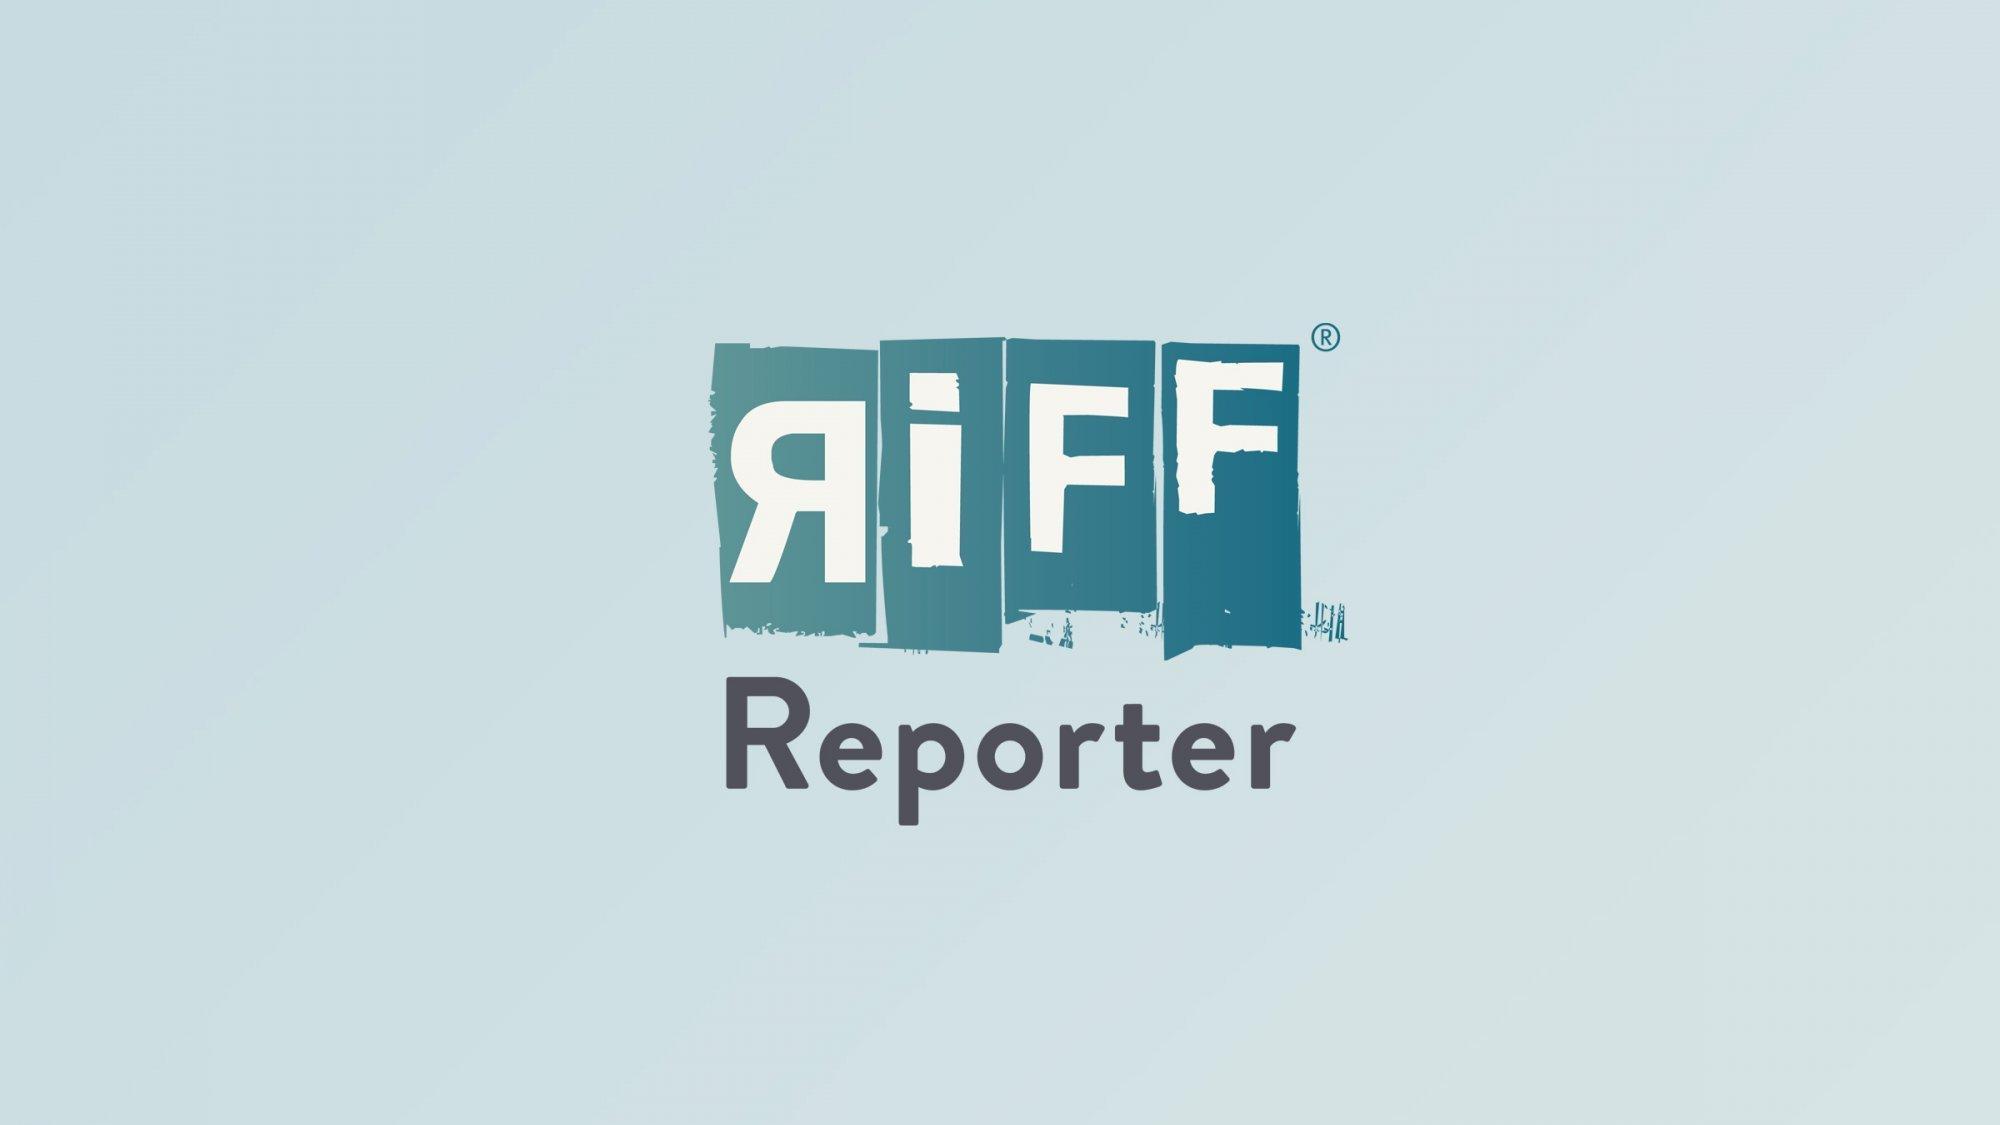 Eine Gruppe aus etwa zehn Kranichen steht in erstem Morgenlicht im Wasser. Sie sind nur als Silhouette zu erkennen